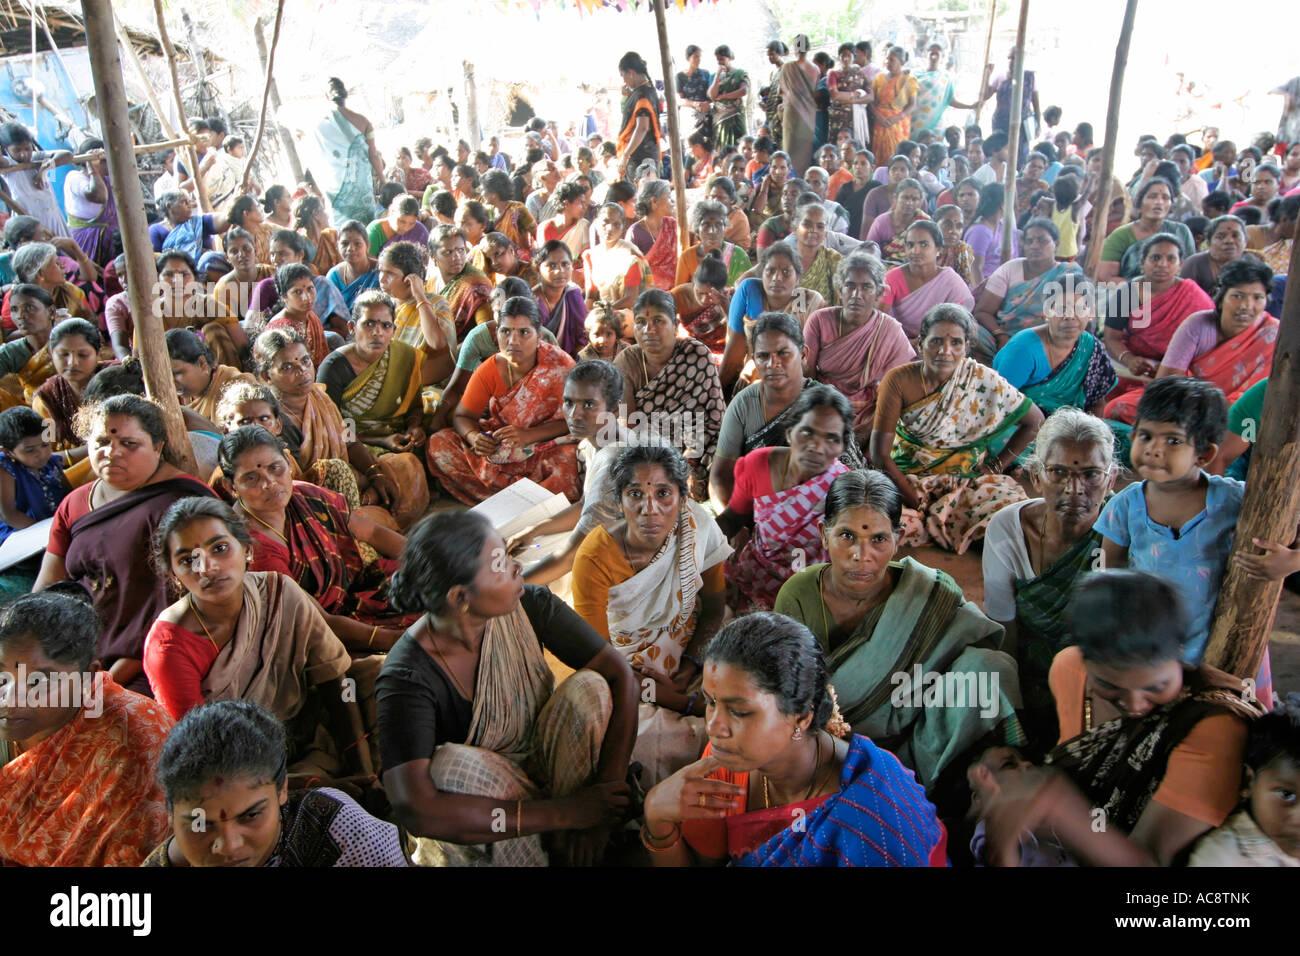 Femelle à la recherche de rencontres à Chennai